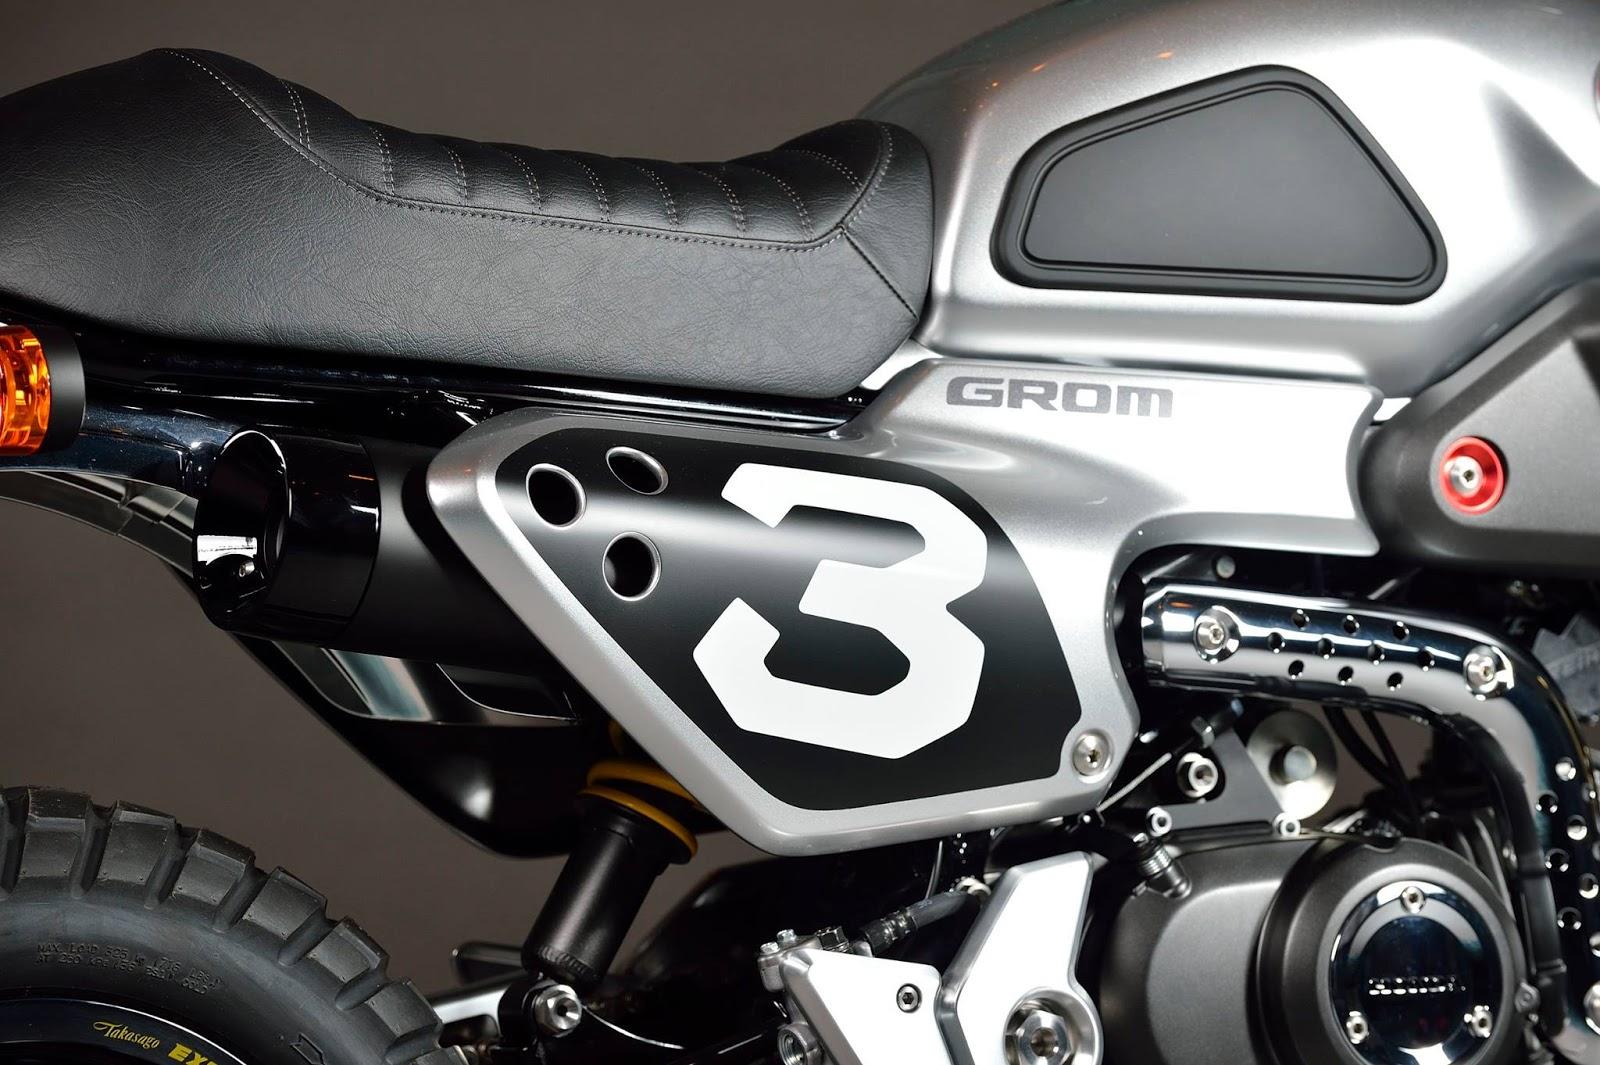 Honda Grom Build >> Custom 2016 Honda Grom Scrambler Concept One & Two ...